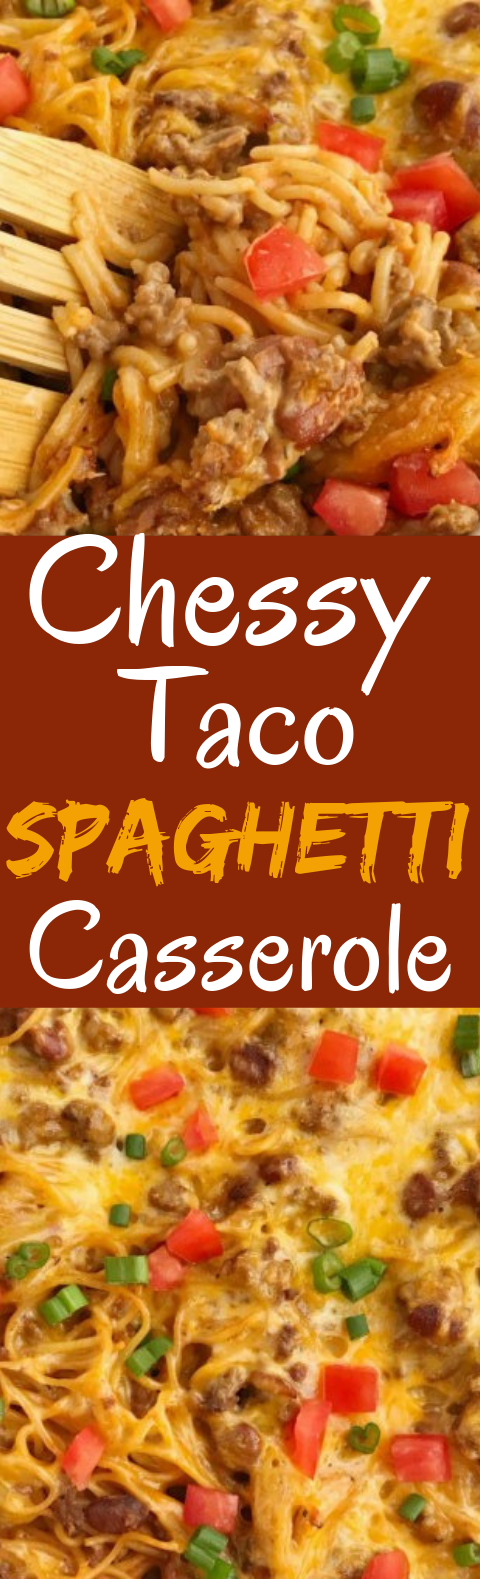 Cheesy Taco Spaghetti Casserole #dinner #casserole